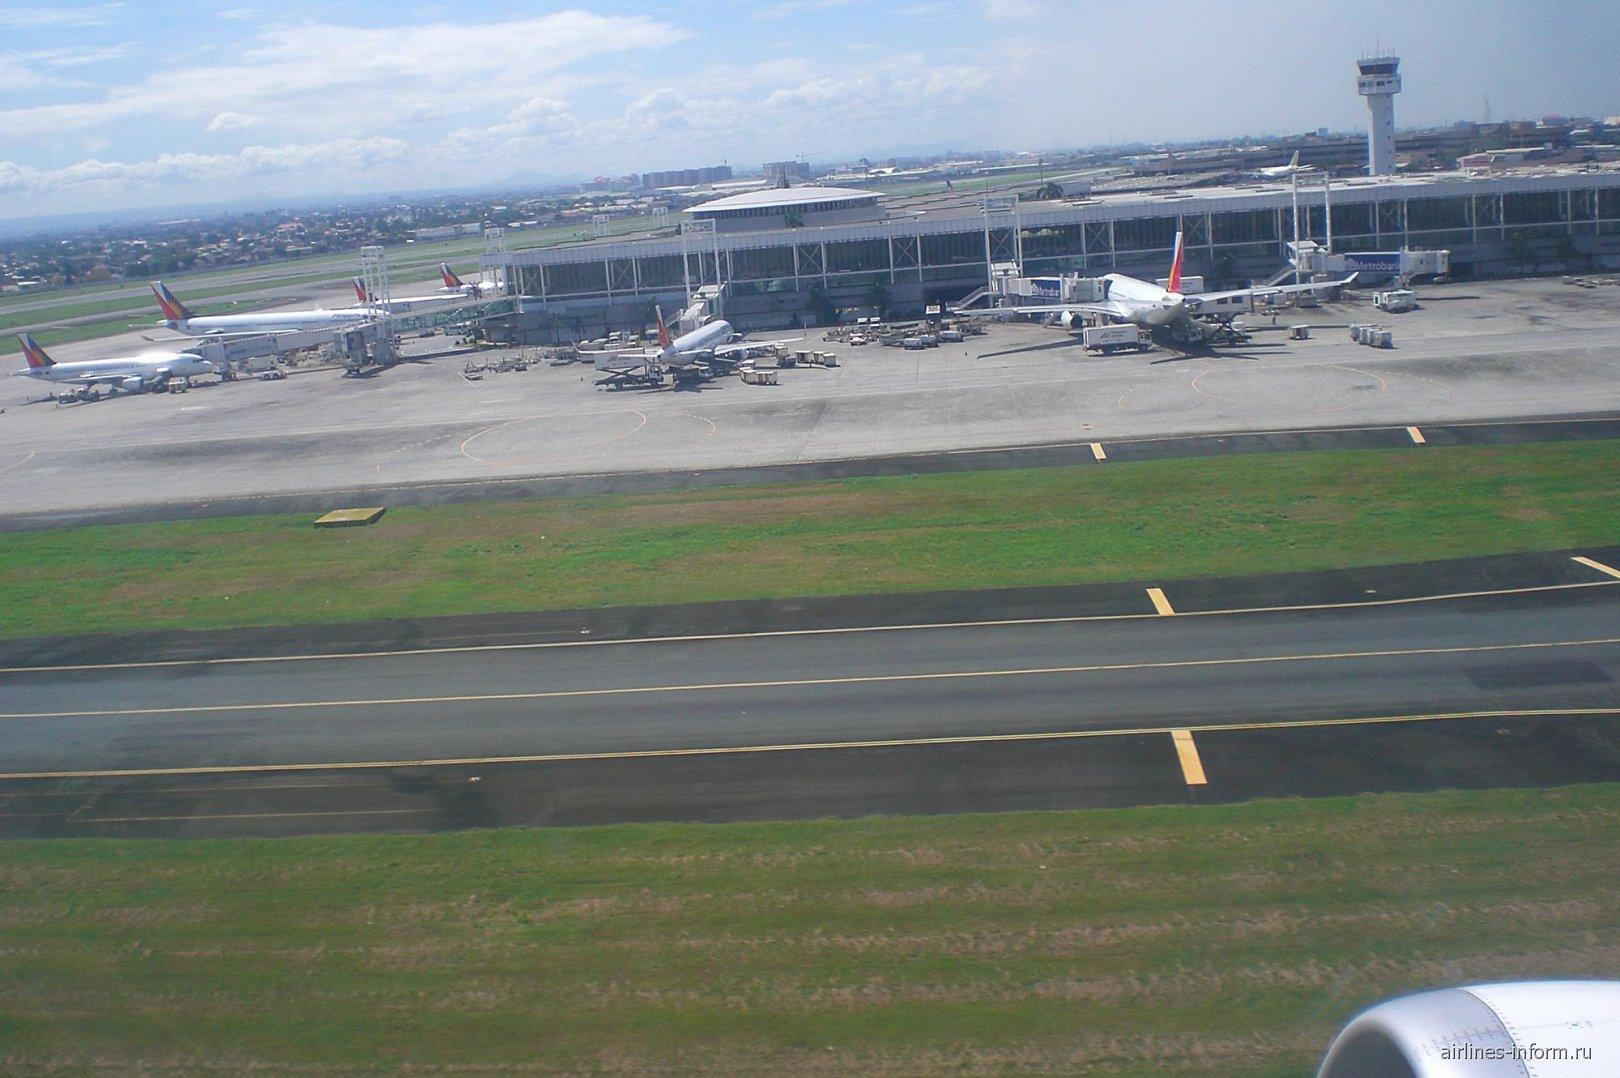 Взлет из аэропорта Манила